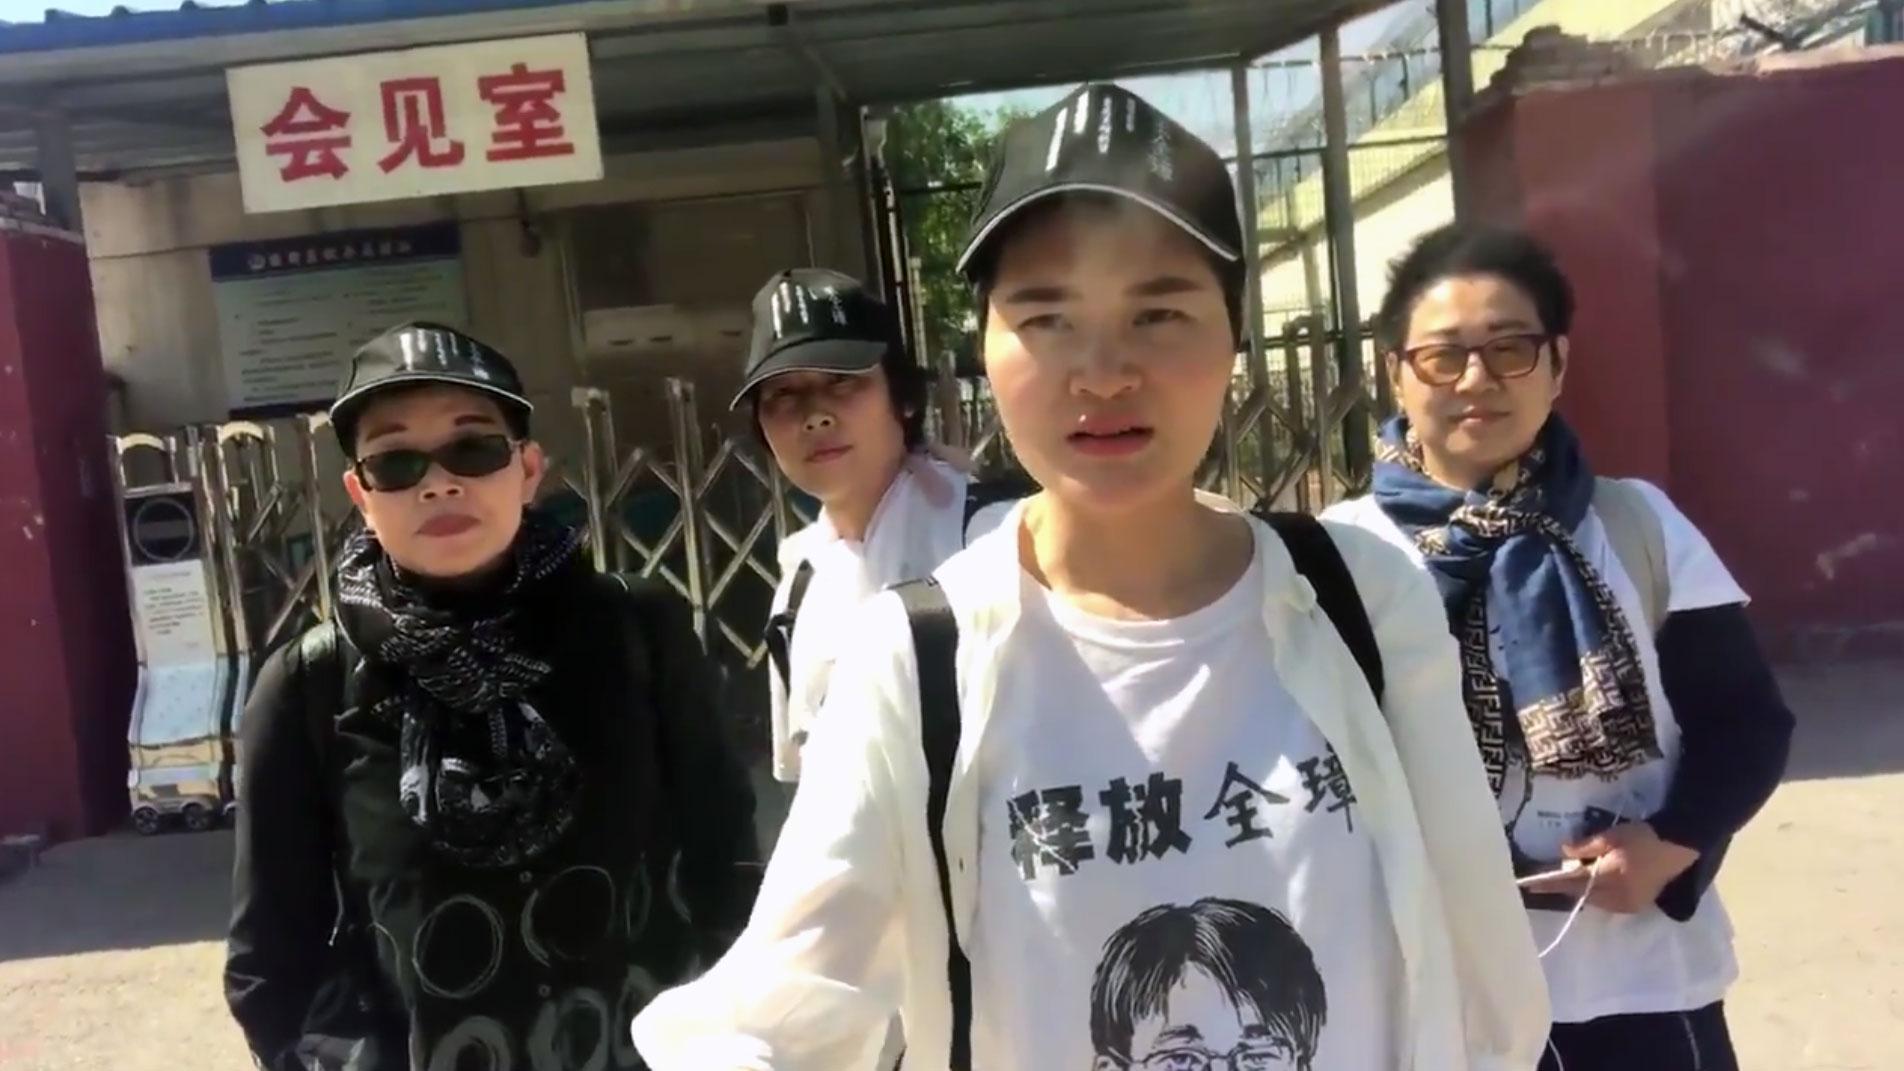 2019年5月20日,709被捕律师王全璋的妻子李文足,到山东临沂监狱要求会见王全璋,被狱方以会见室升级改造为由拒绝。(视频截图/李文足@709liwenzu)